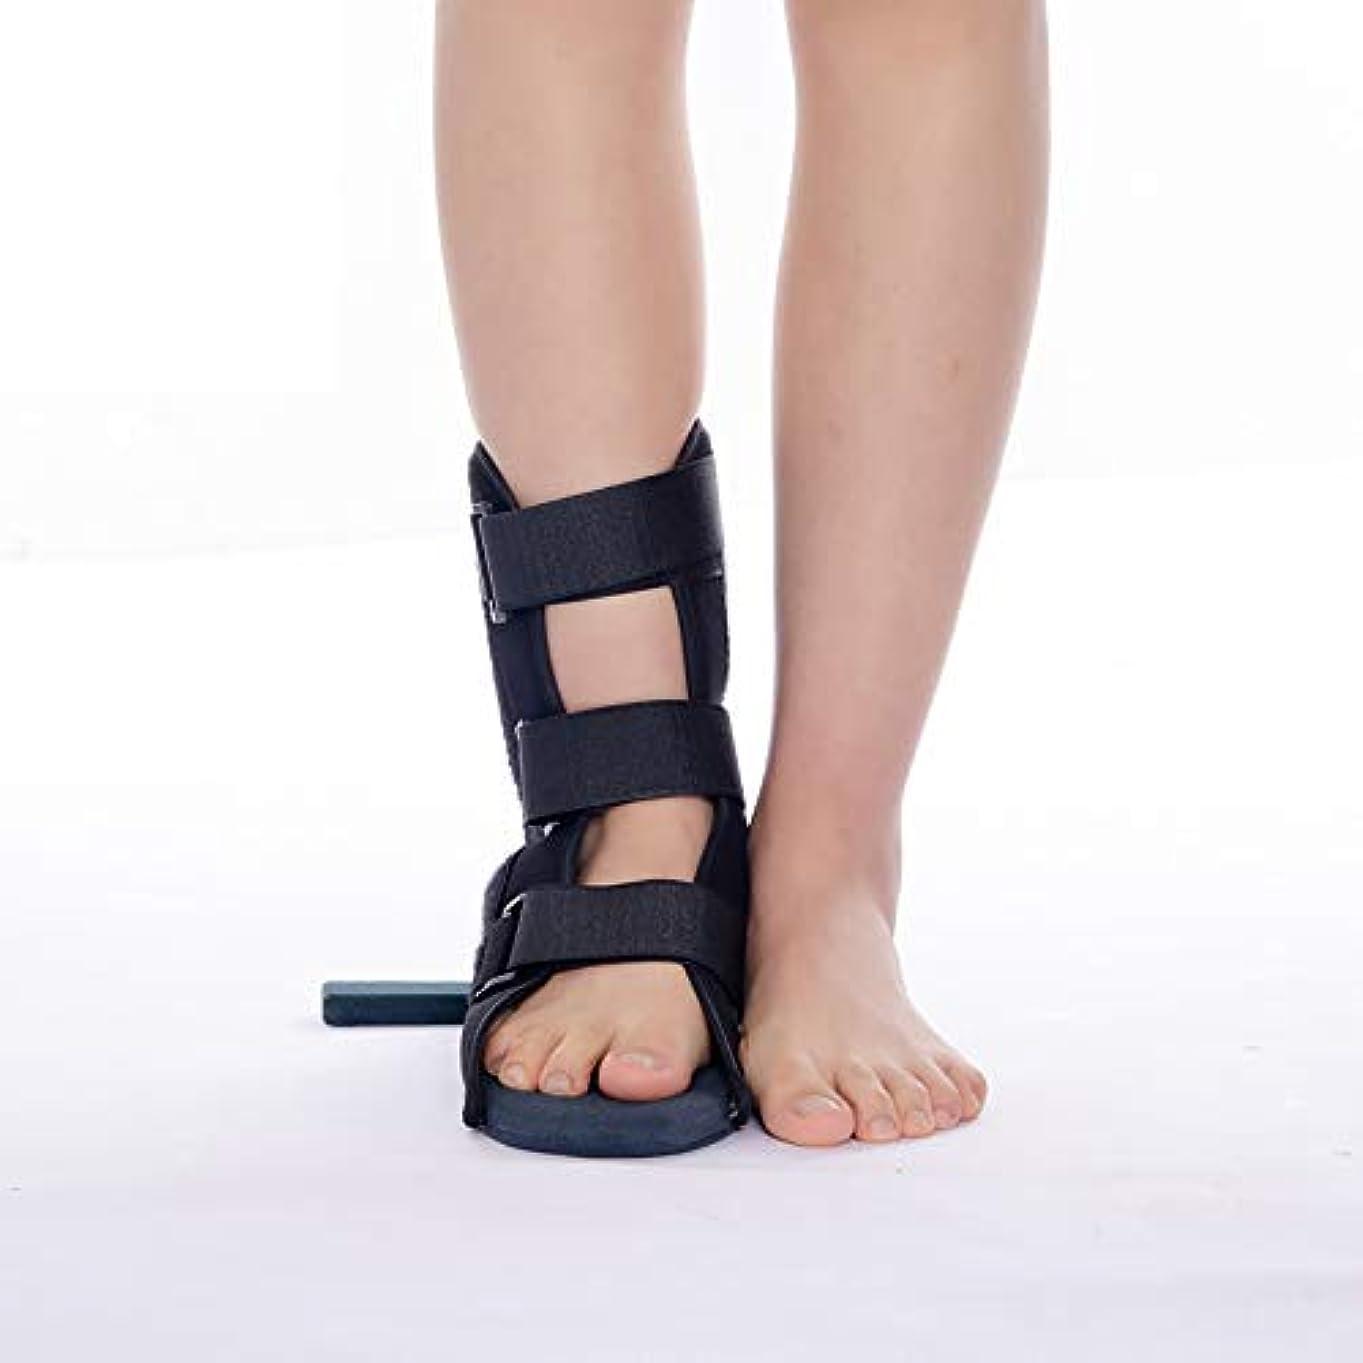 一般的な動文芸足固定整形外科用靴足ブレースサポート回転防止足首捻挫スタビライザーブーツ用足首関節捻挫骨折リハビリテーション